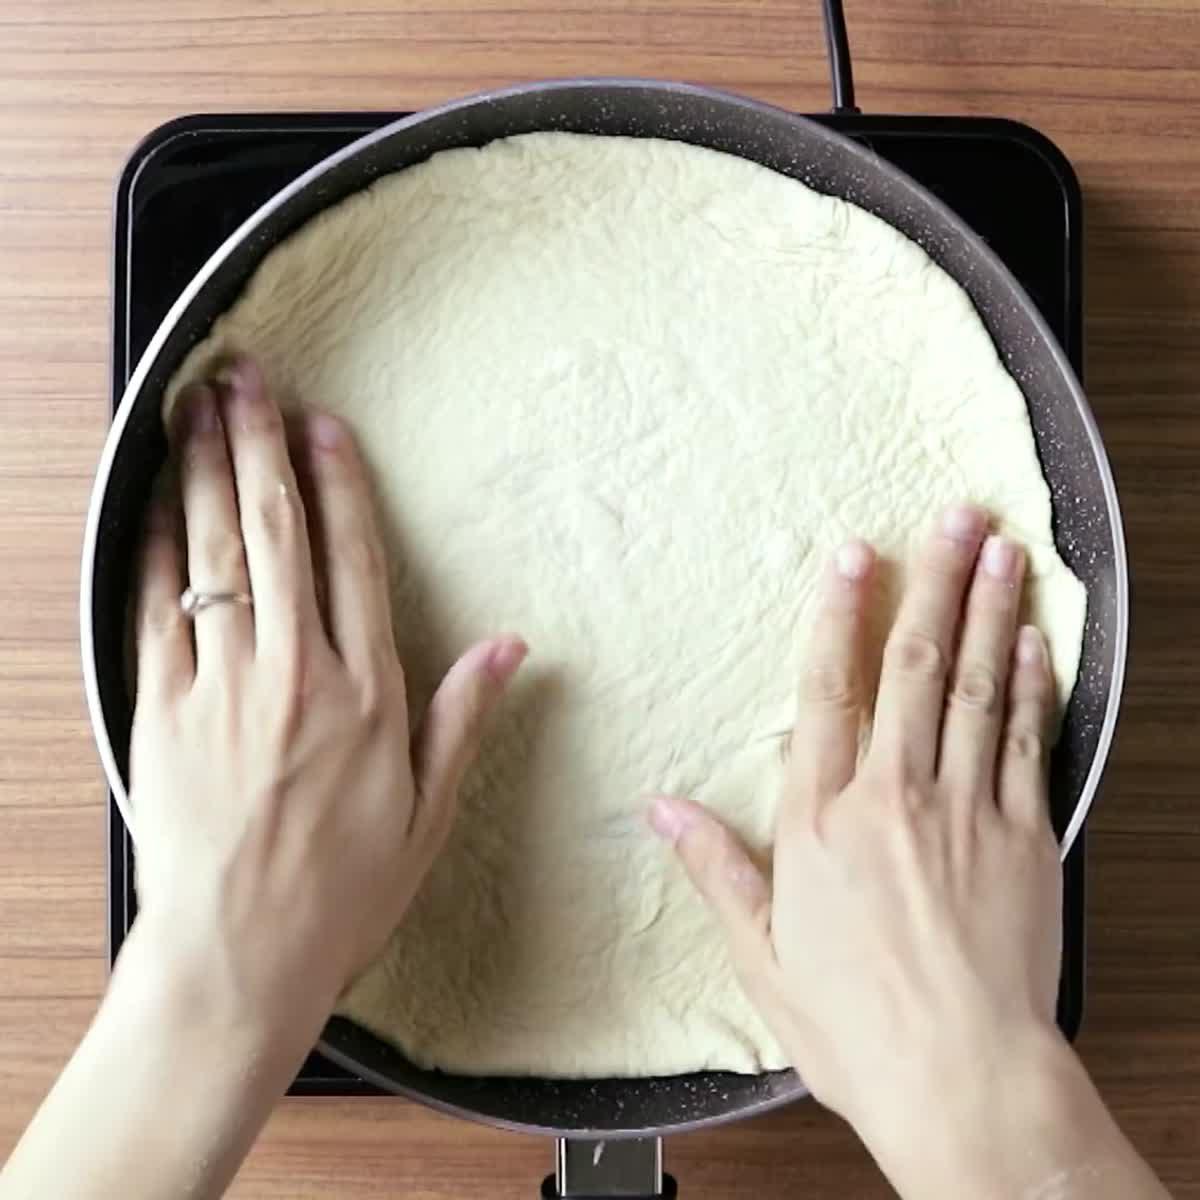 วิธีทำ พิซซ่า (กระทะ) กินข้าวกัน by แม่อ้อ